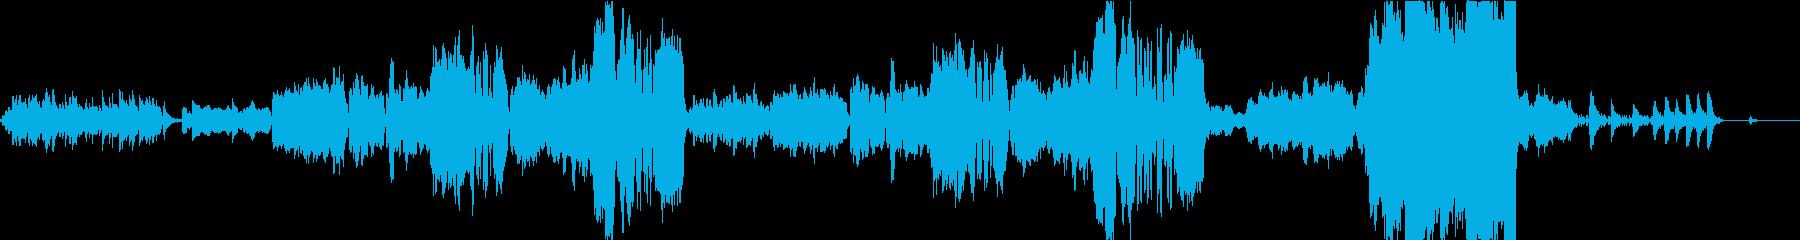 童話のエンディングを想定したオーケストラの再生済みの波形